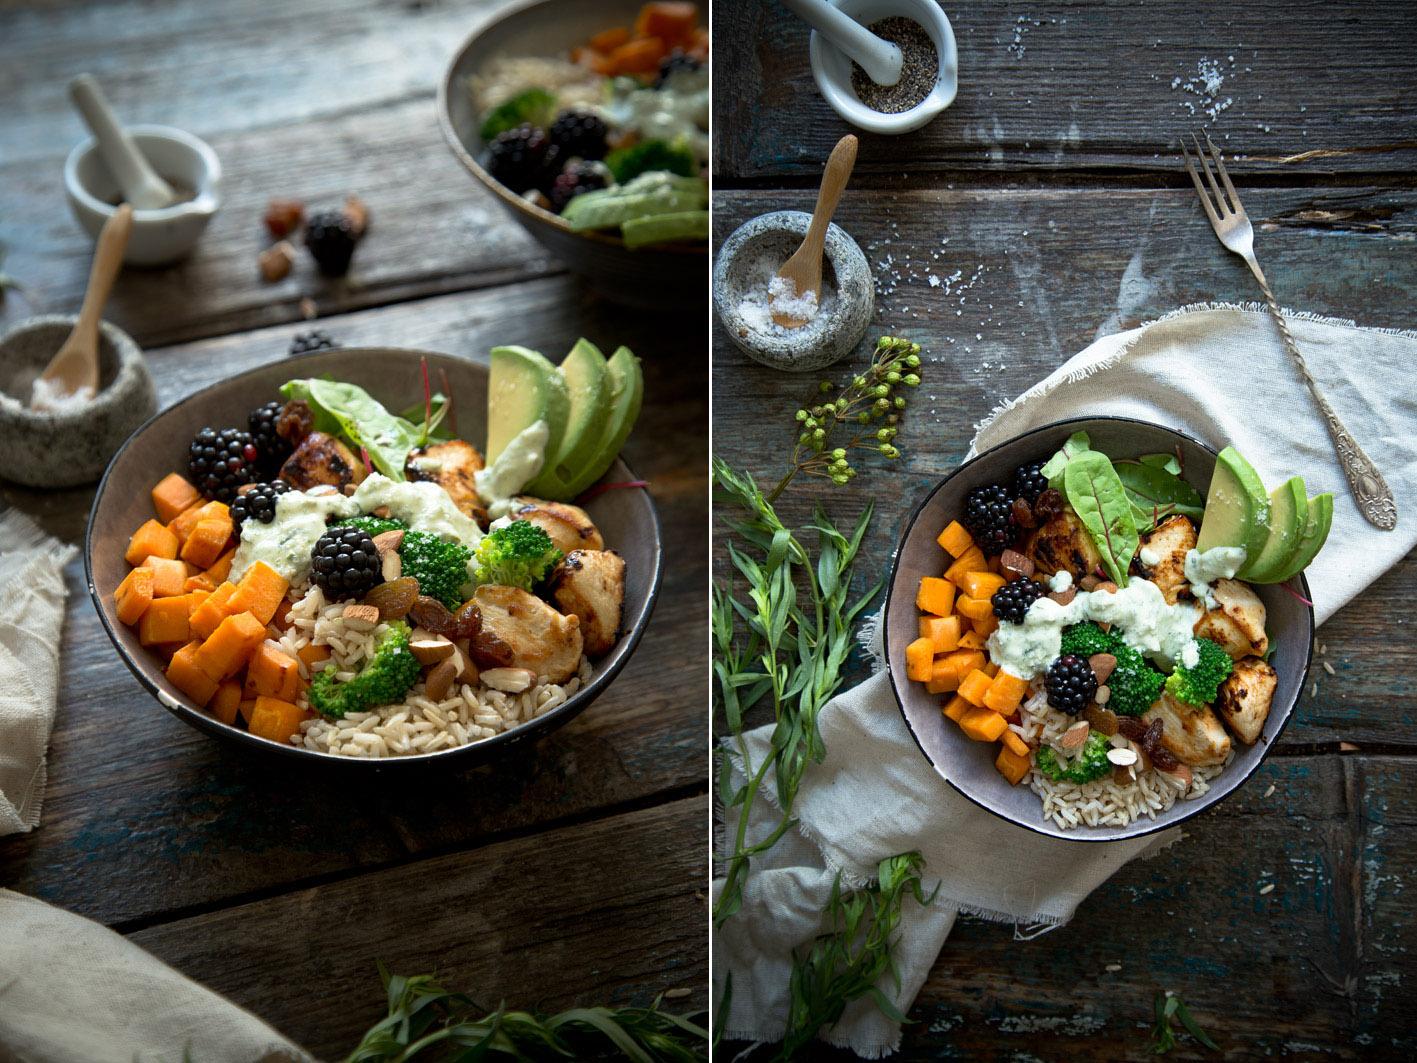 rezept für gesunde superfood bowl